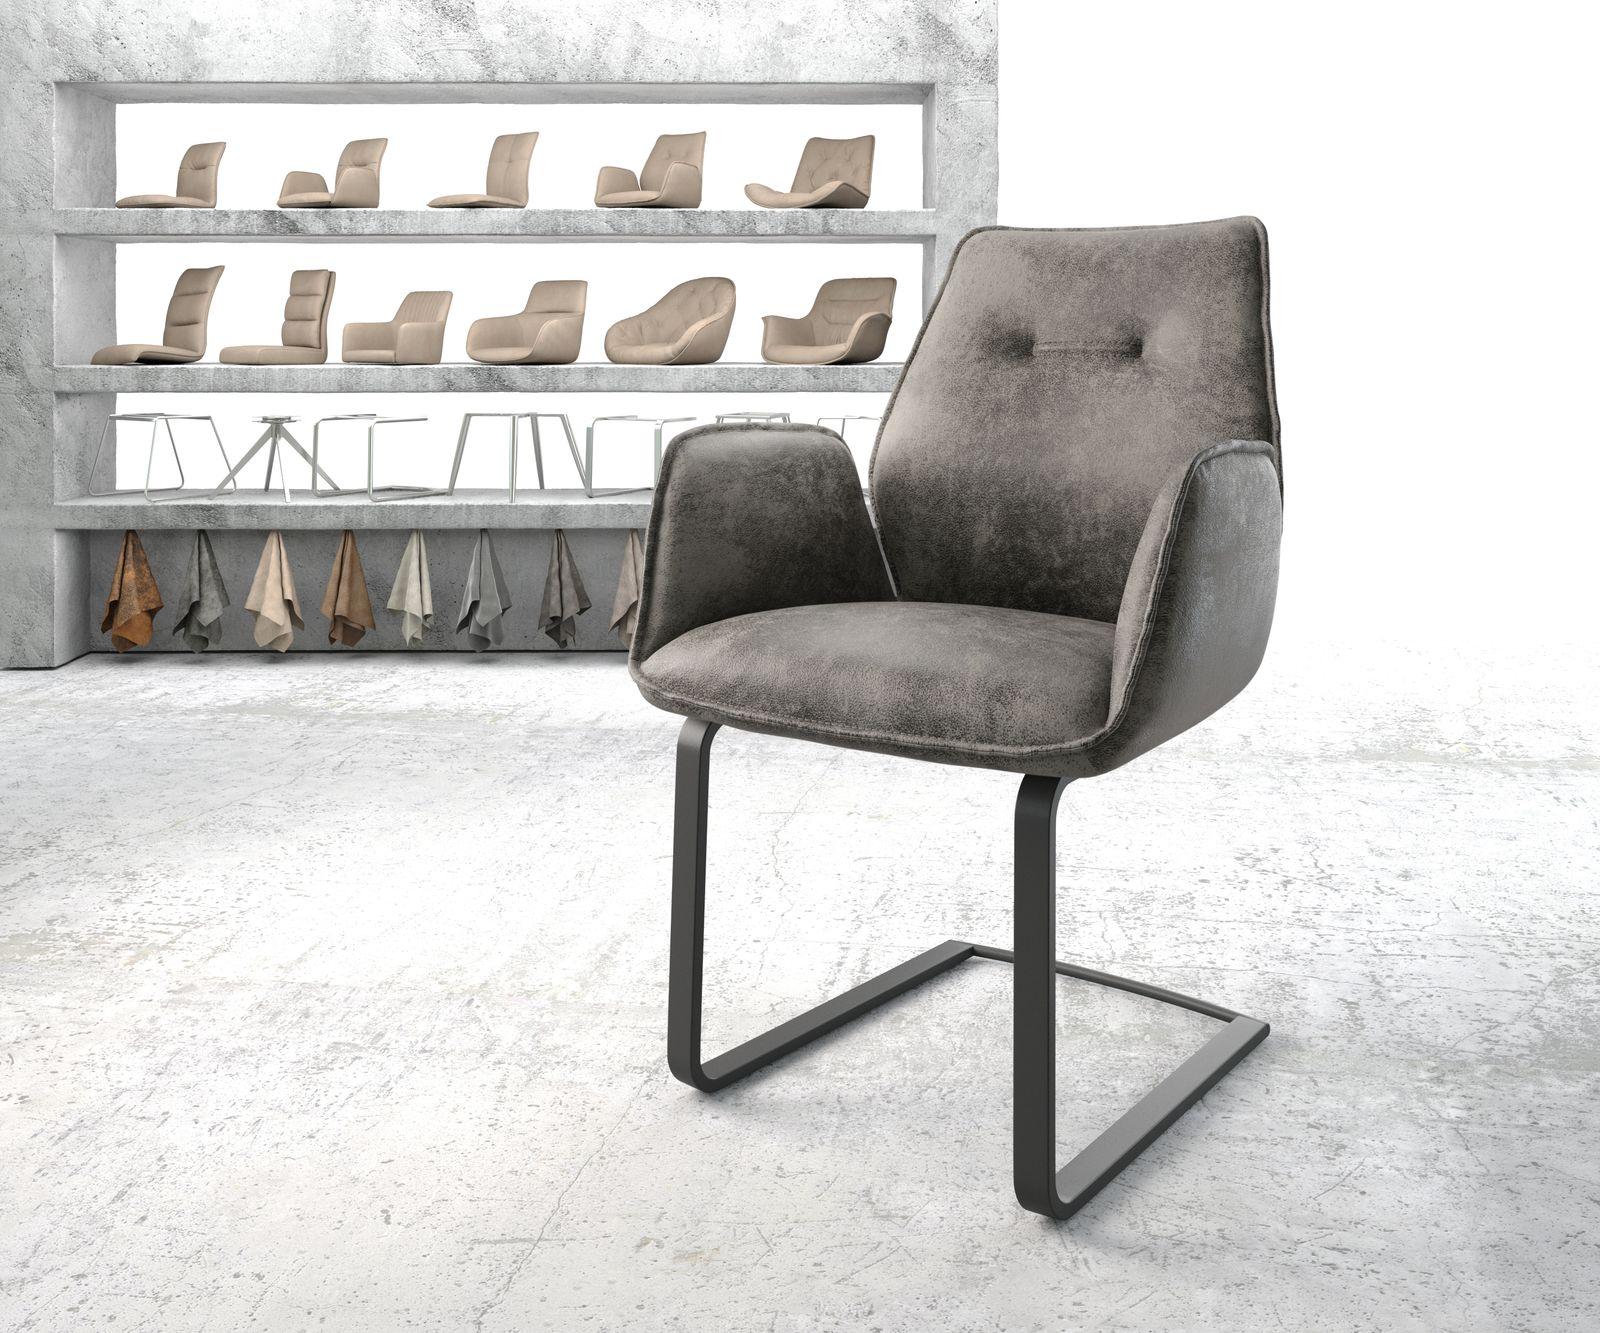 delife-armlehnstuhl-zoa-flex-grau-vintage-freischwinger-flach-schwarz-esszimmerstuhle